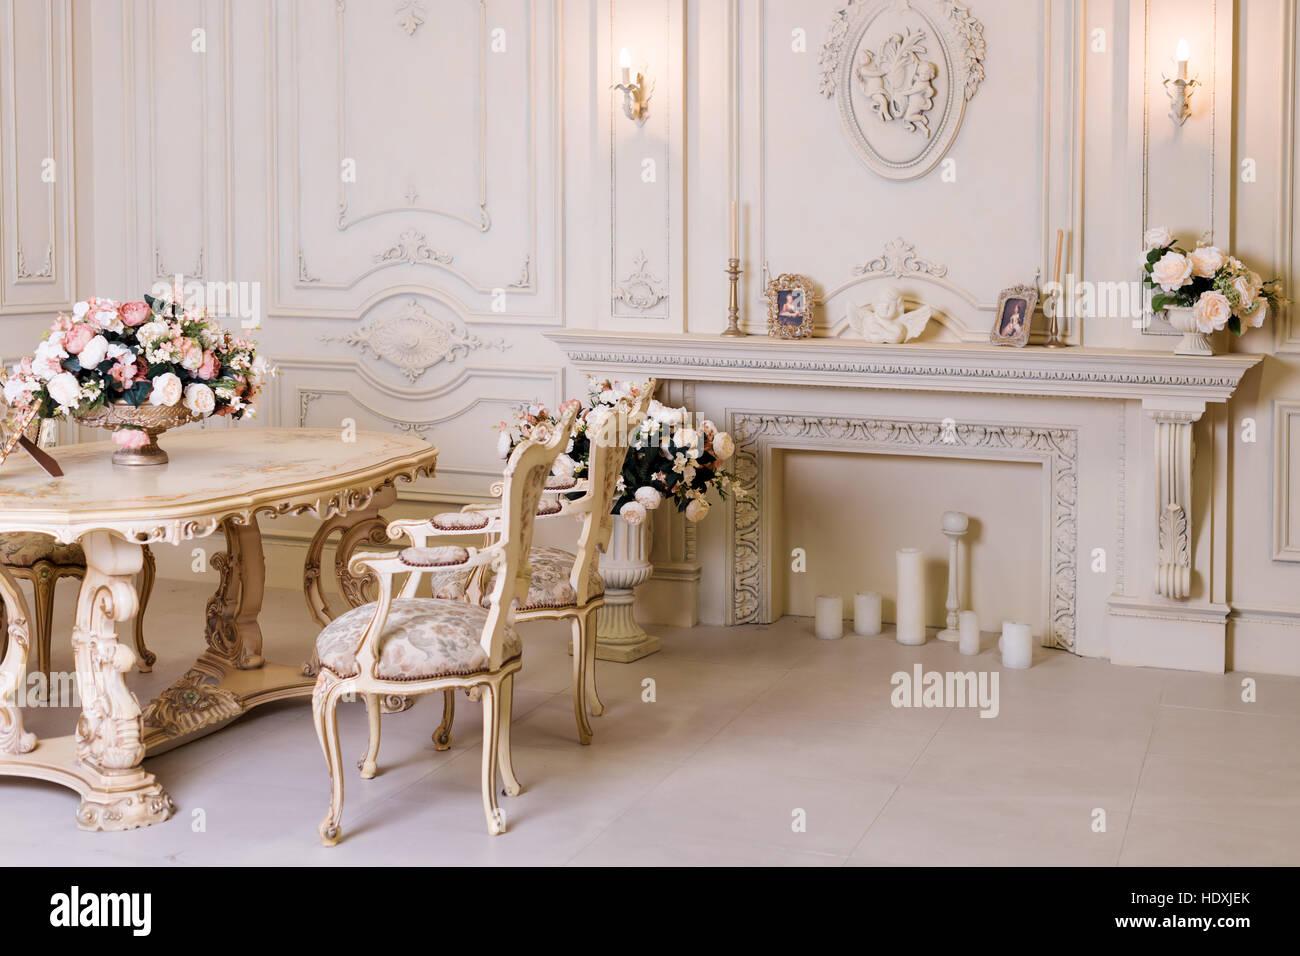 Luxus Wohnung, Klassische Wohnzimmer. Luxuriöse Vintage Interieur Mit Kamin  In Den Aristokratischen Stil.